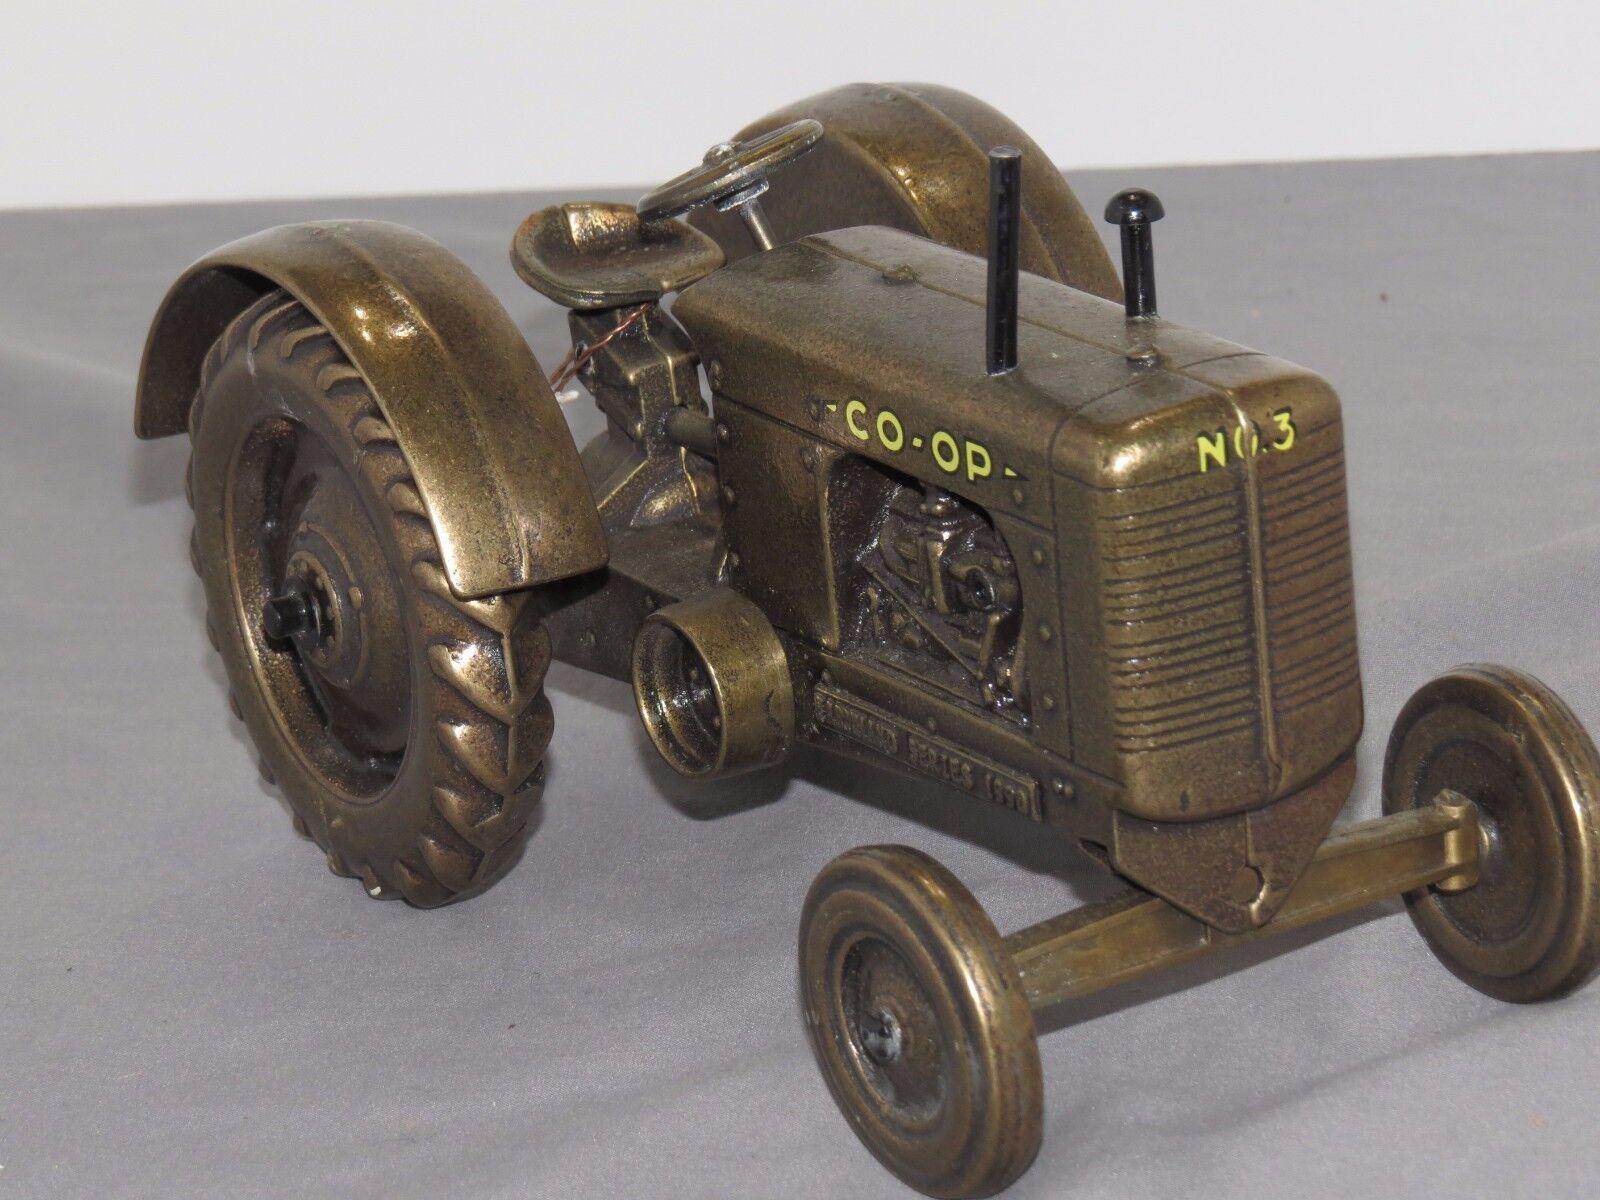 Brass Scale Models Coop Co-op jouet tracteur échelle 1 16th rare en laiton No.3 Standard